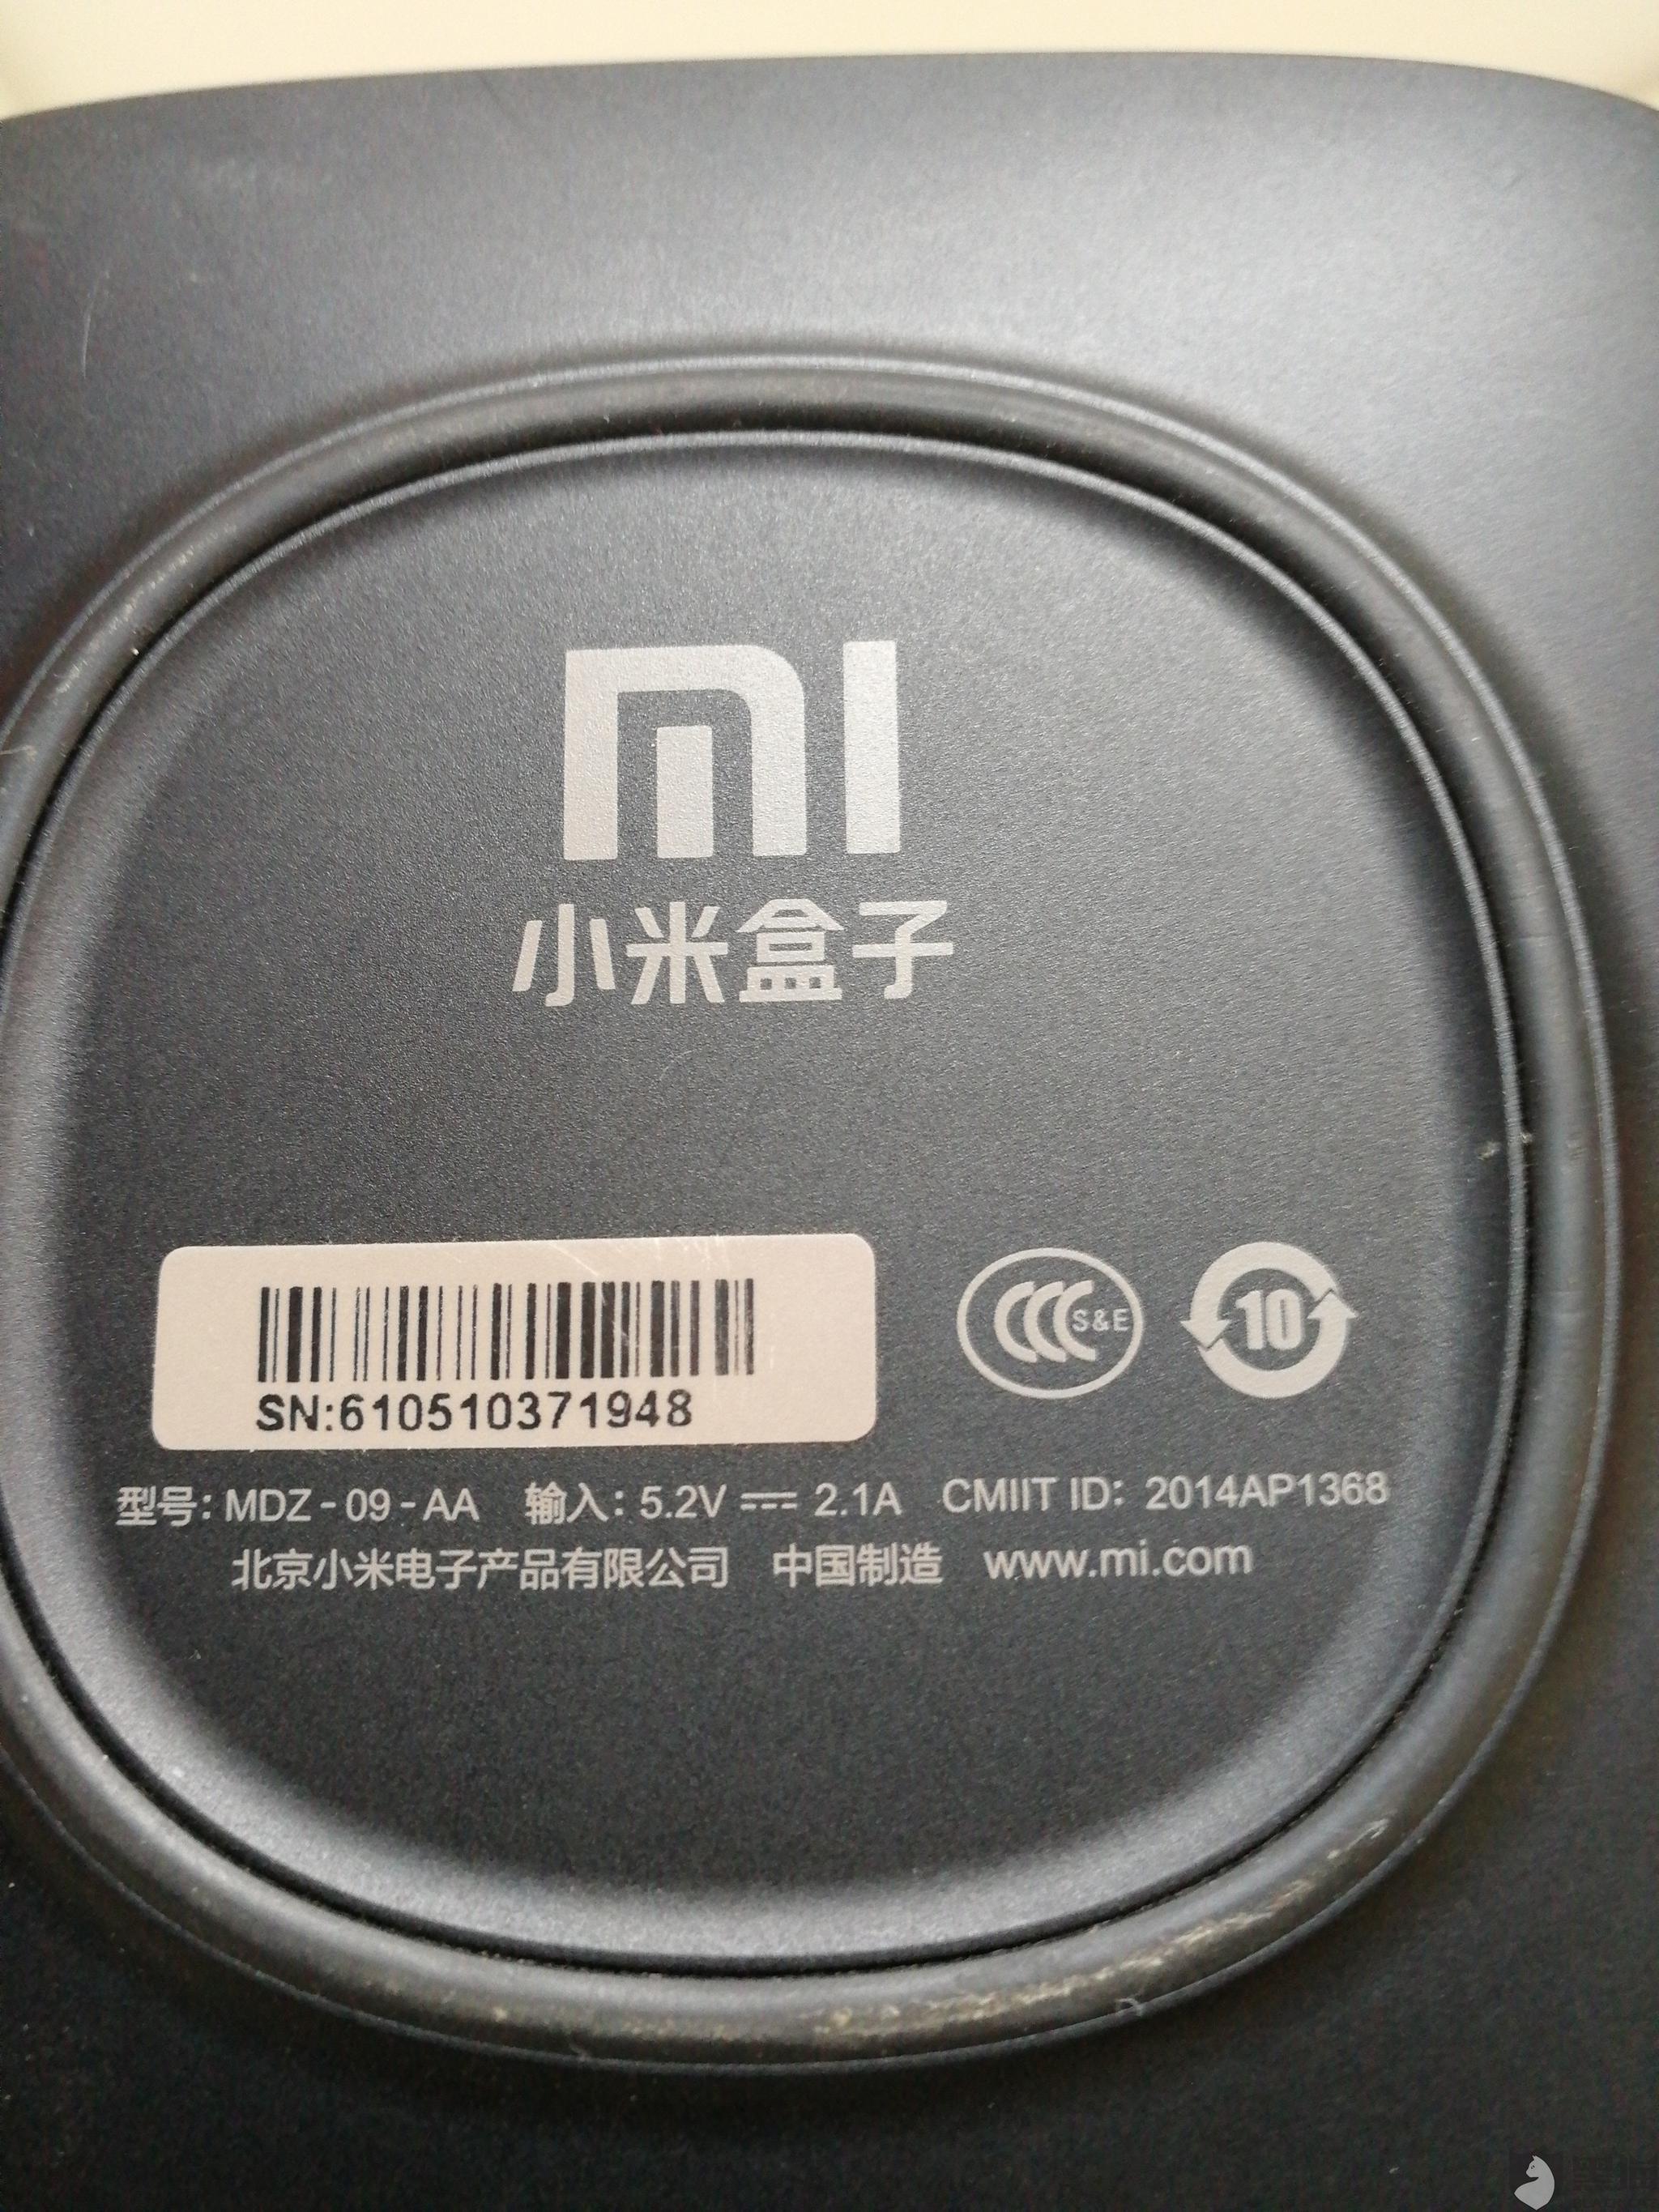 黑猫投诉:京东购买的小米盒子增强版,2020年2月无故变砖,卡在登录界面。